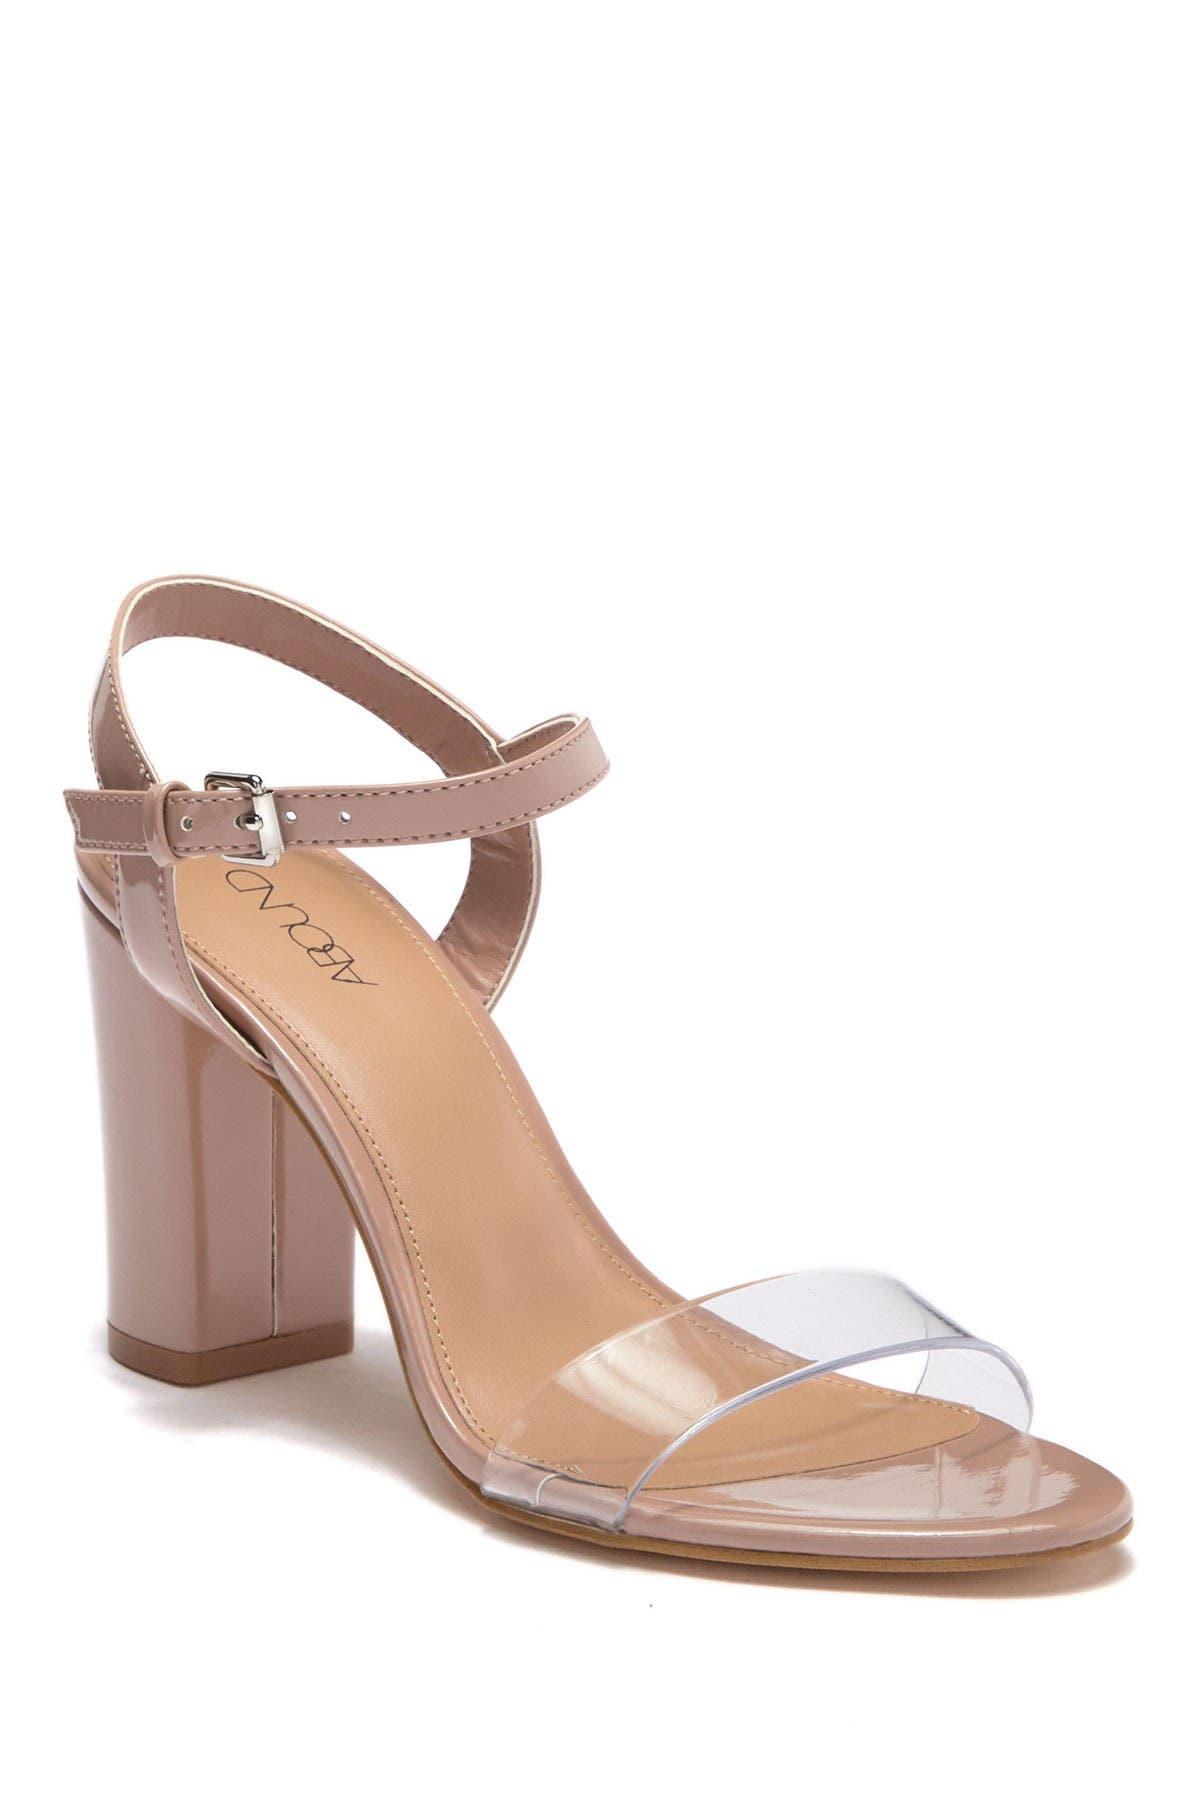 Women's Heels | Nordstrom Rack